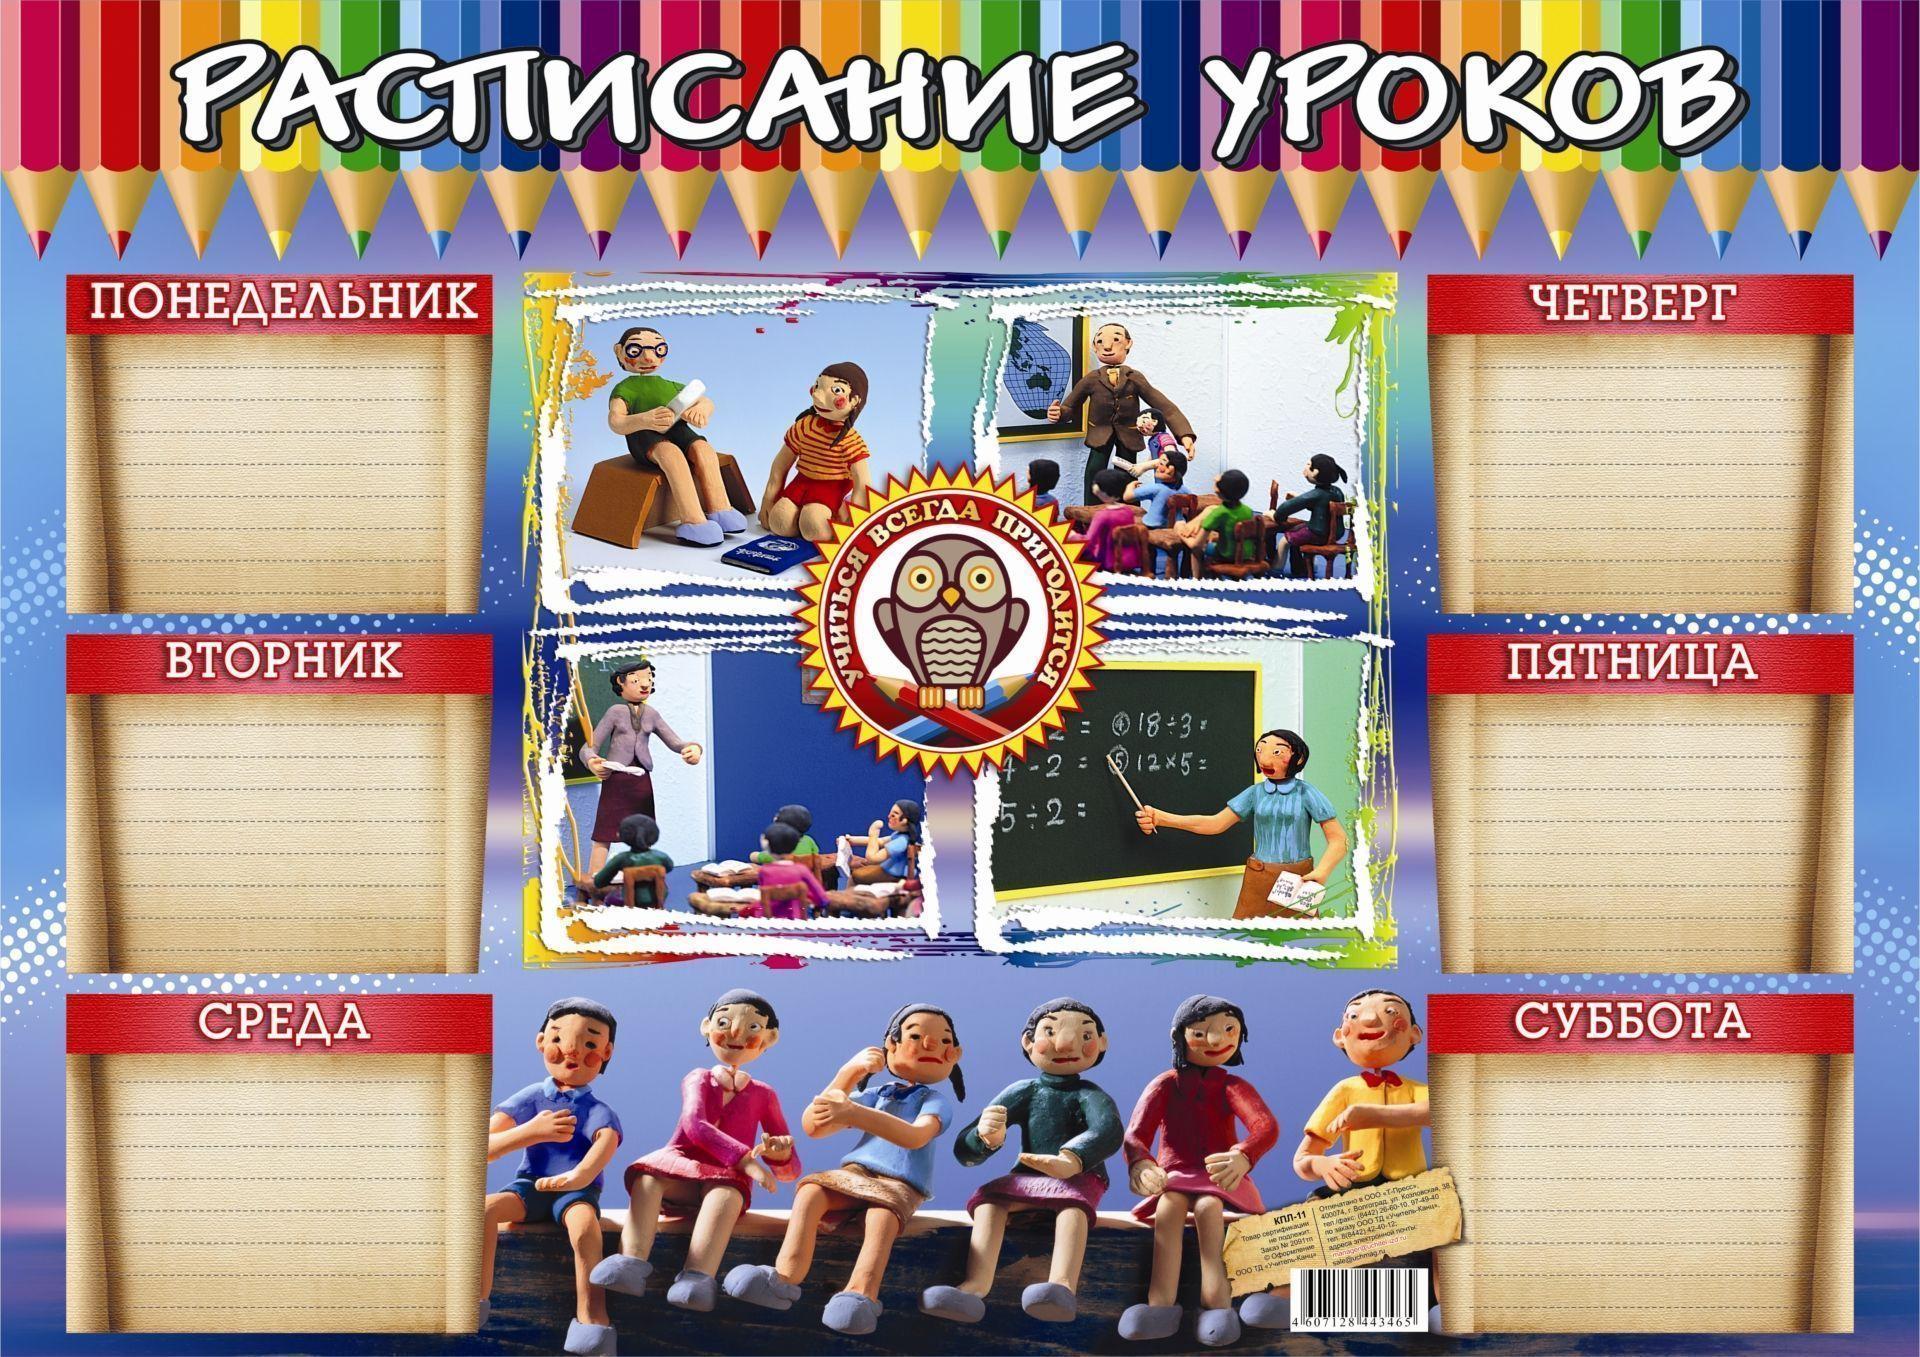 Расписание уроков (пластилиновые куклы, горизонтальное): (Формат А3, бумага мелованная глянцевая, пл.150)Расписание уроков<br>.<br><br>Год: 2017<br>Высота: 293<br>Ширина: 416